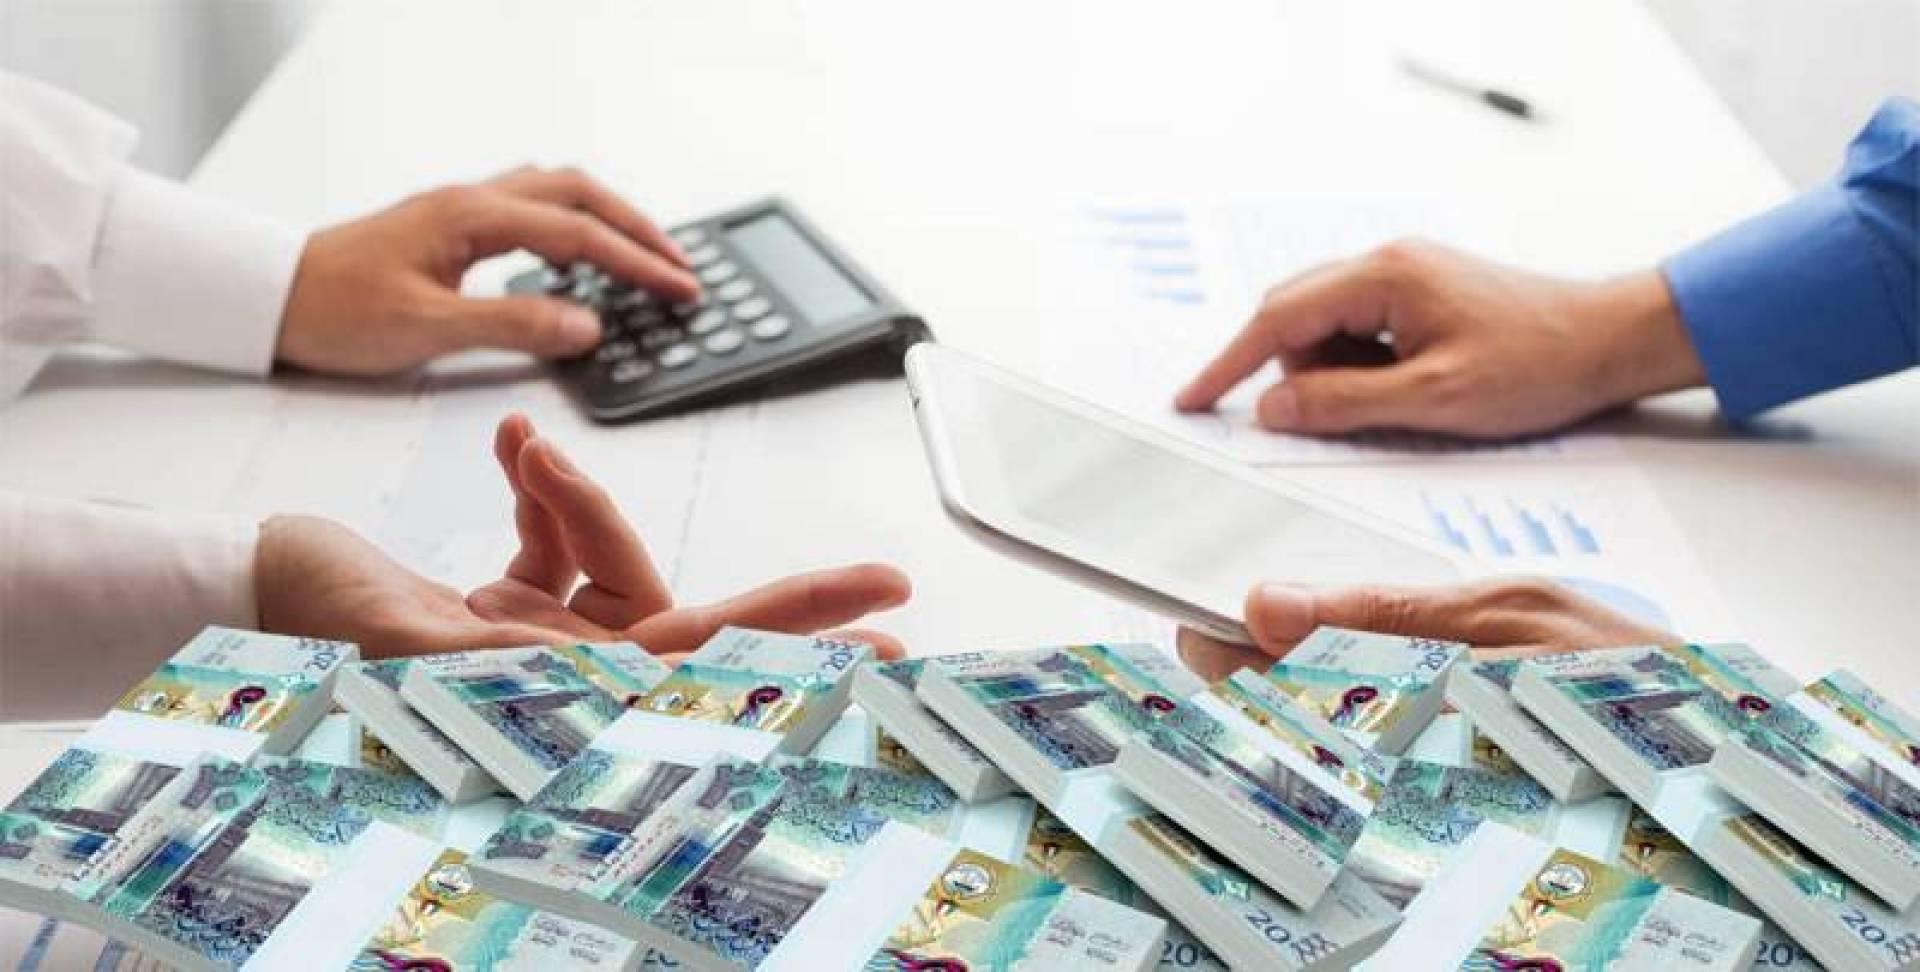 بنك الرياض التمويل الشخصي